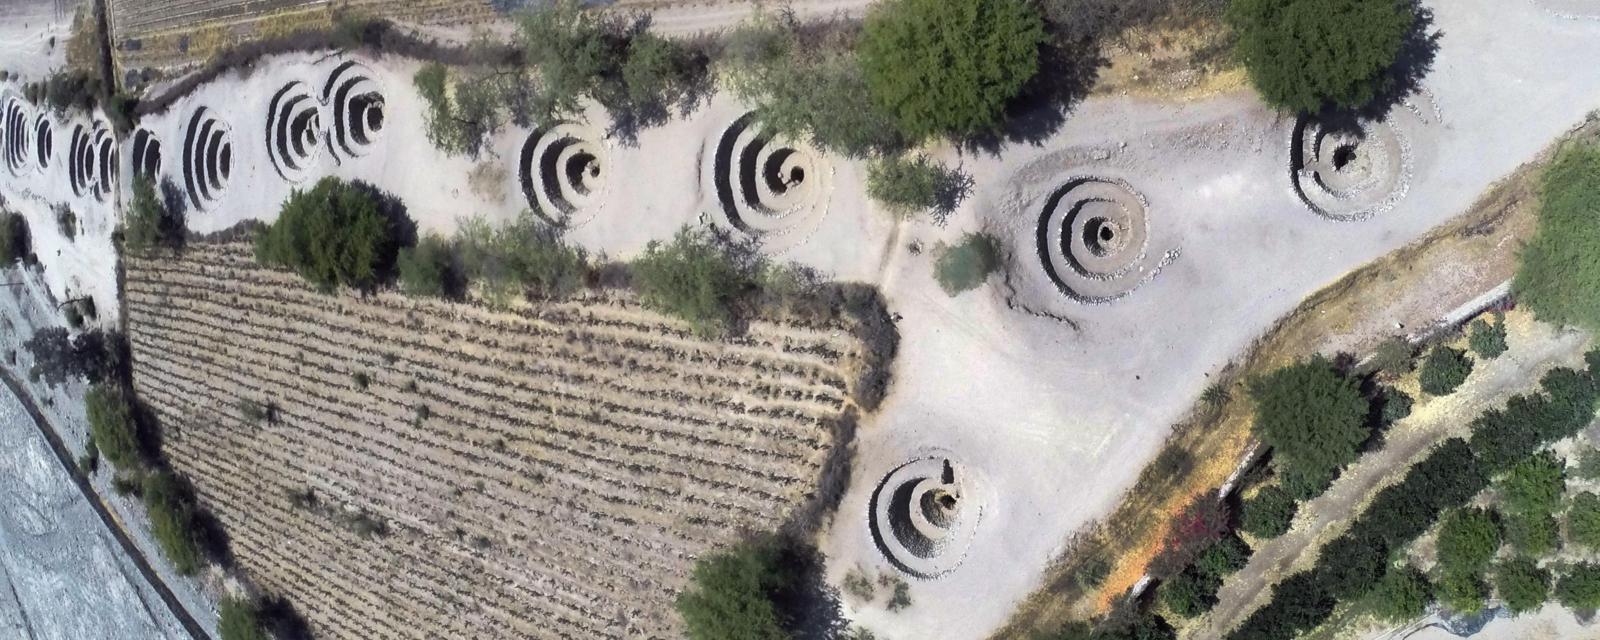 পেরুর মরুভূমিতে প্রাচীন নাজকা গর্তের ধাঁধা সমাধানের দাবি